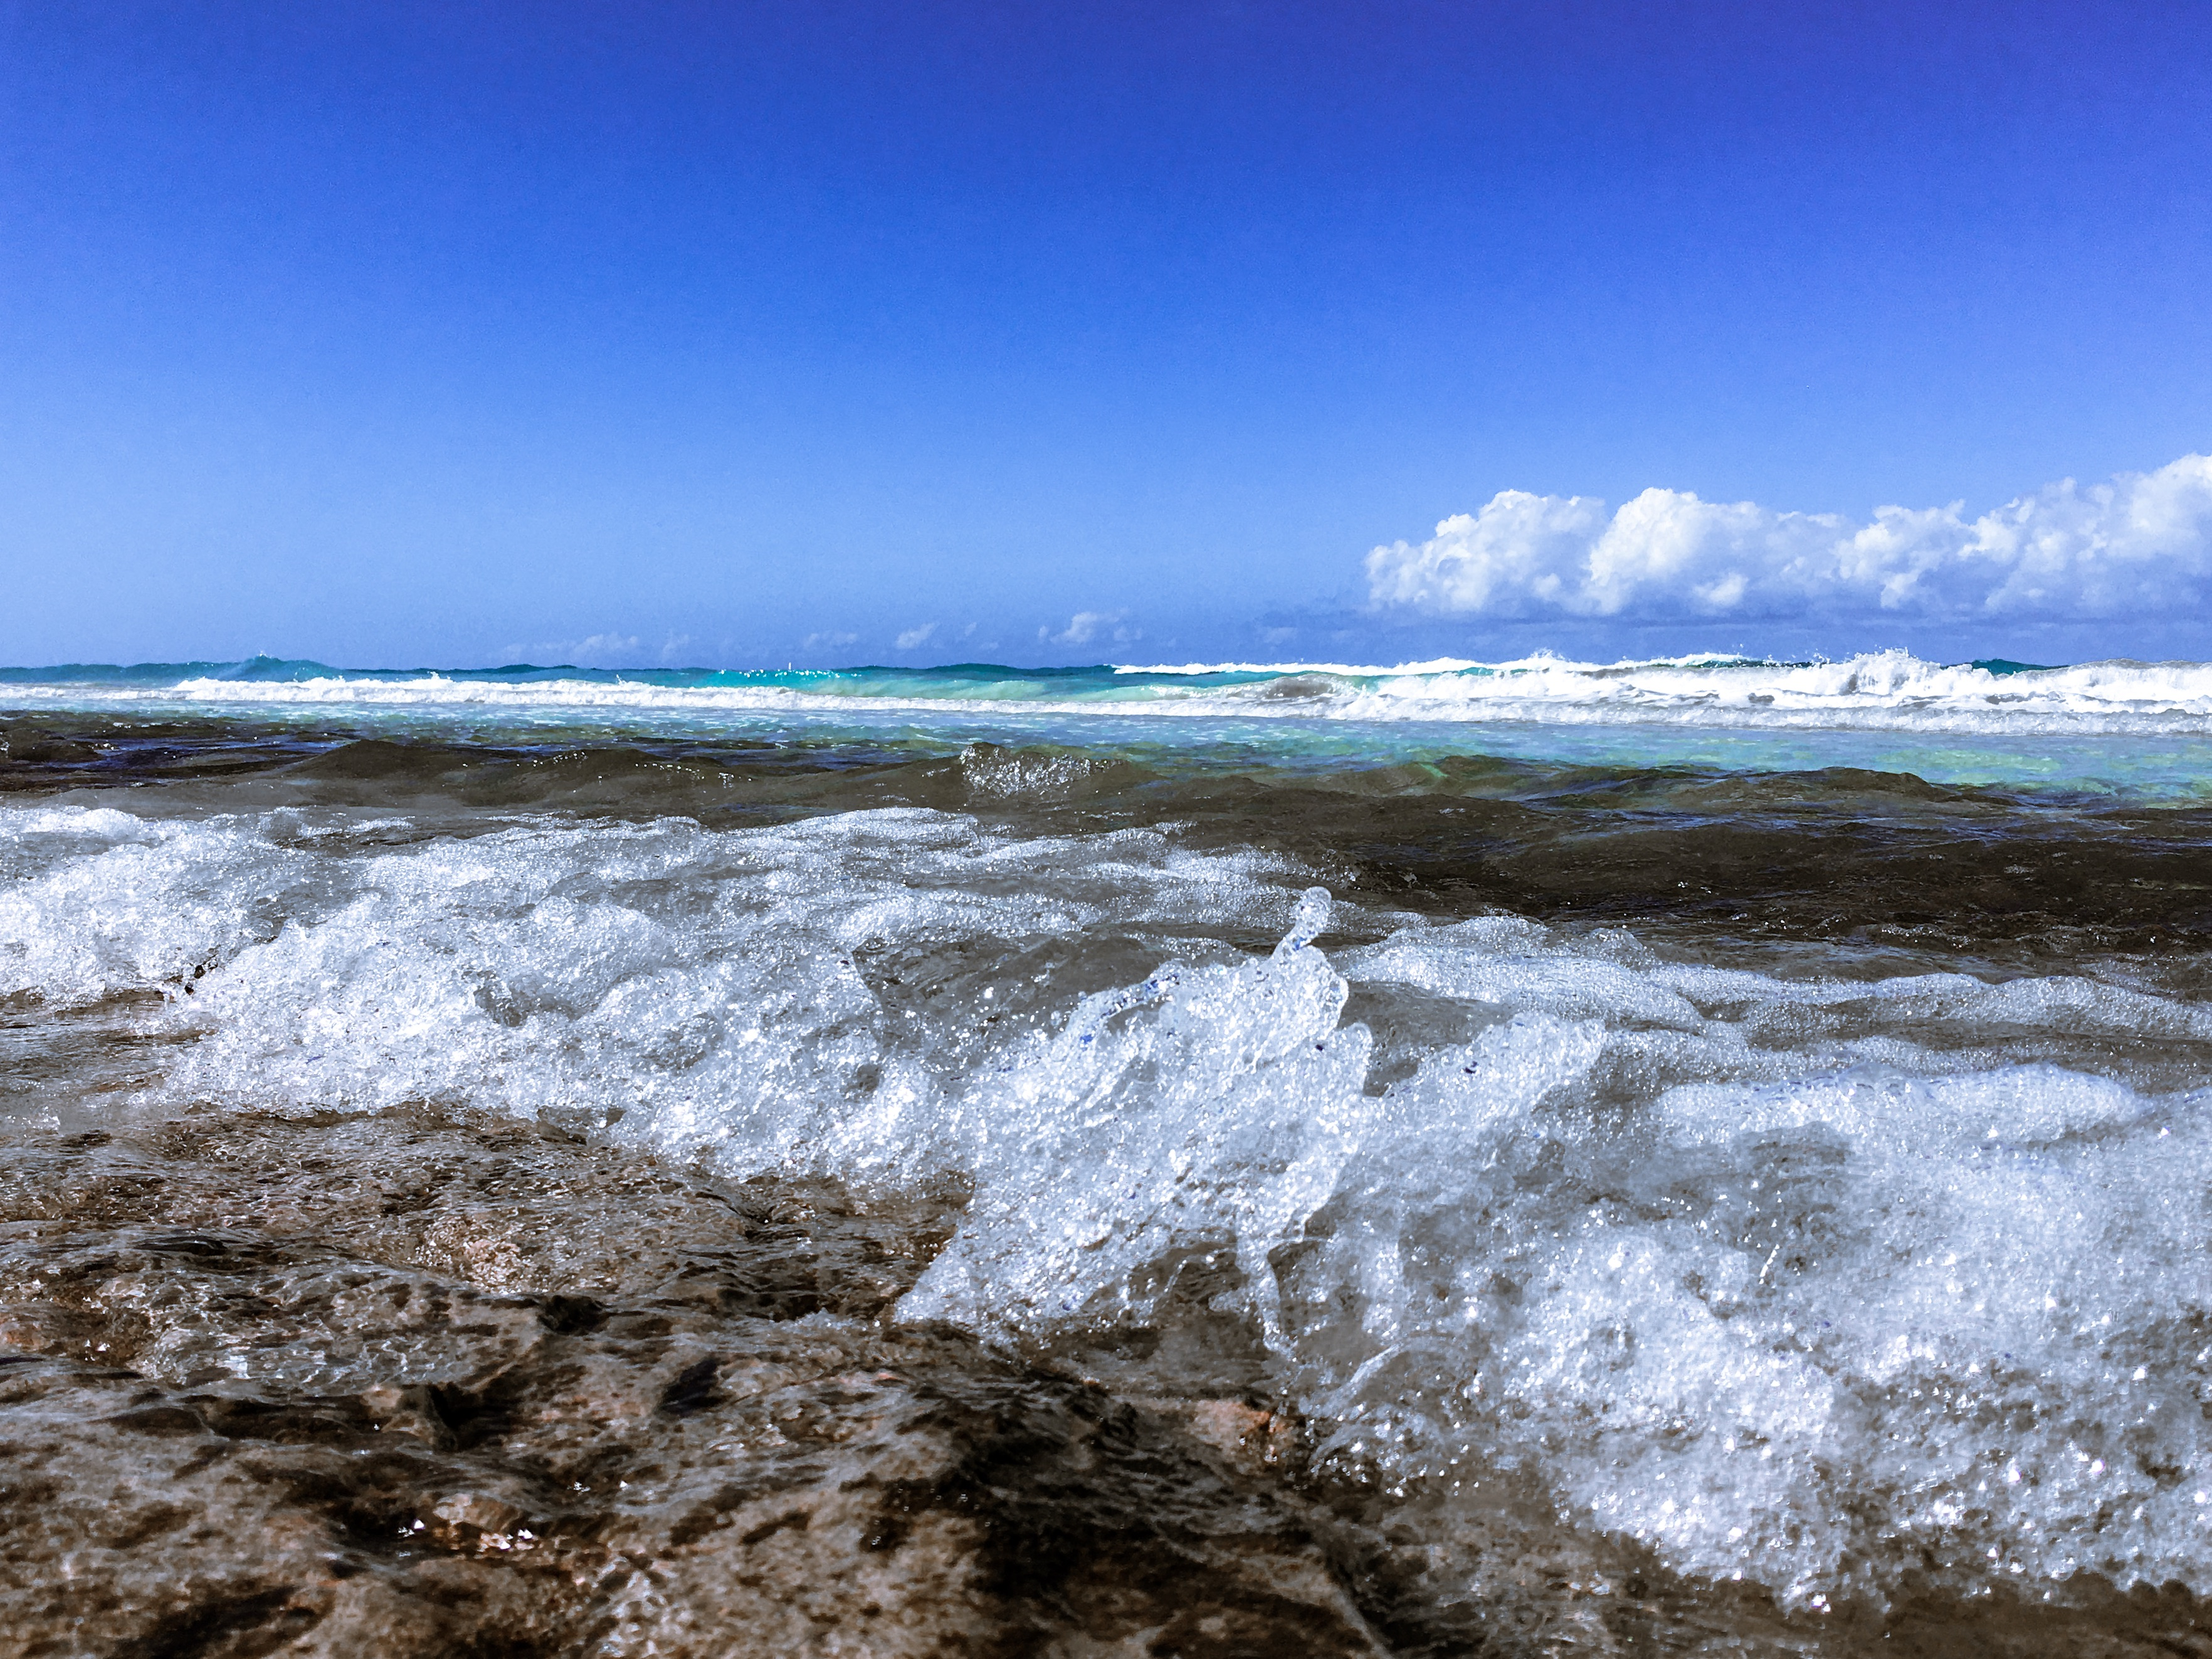 frase-foto-cancion-e-inspiracion-019, mar vidal, la casa de mar, persistencia o cambio, fotografía